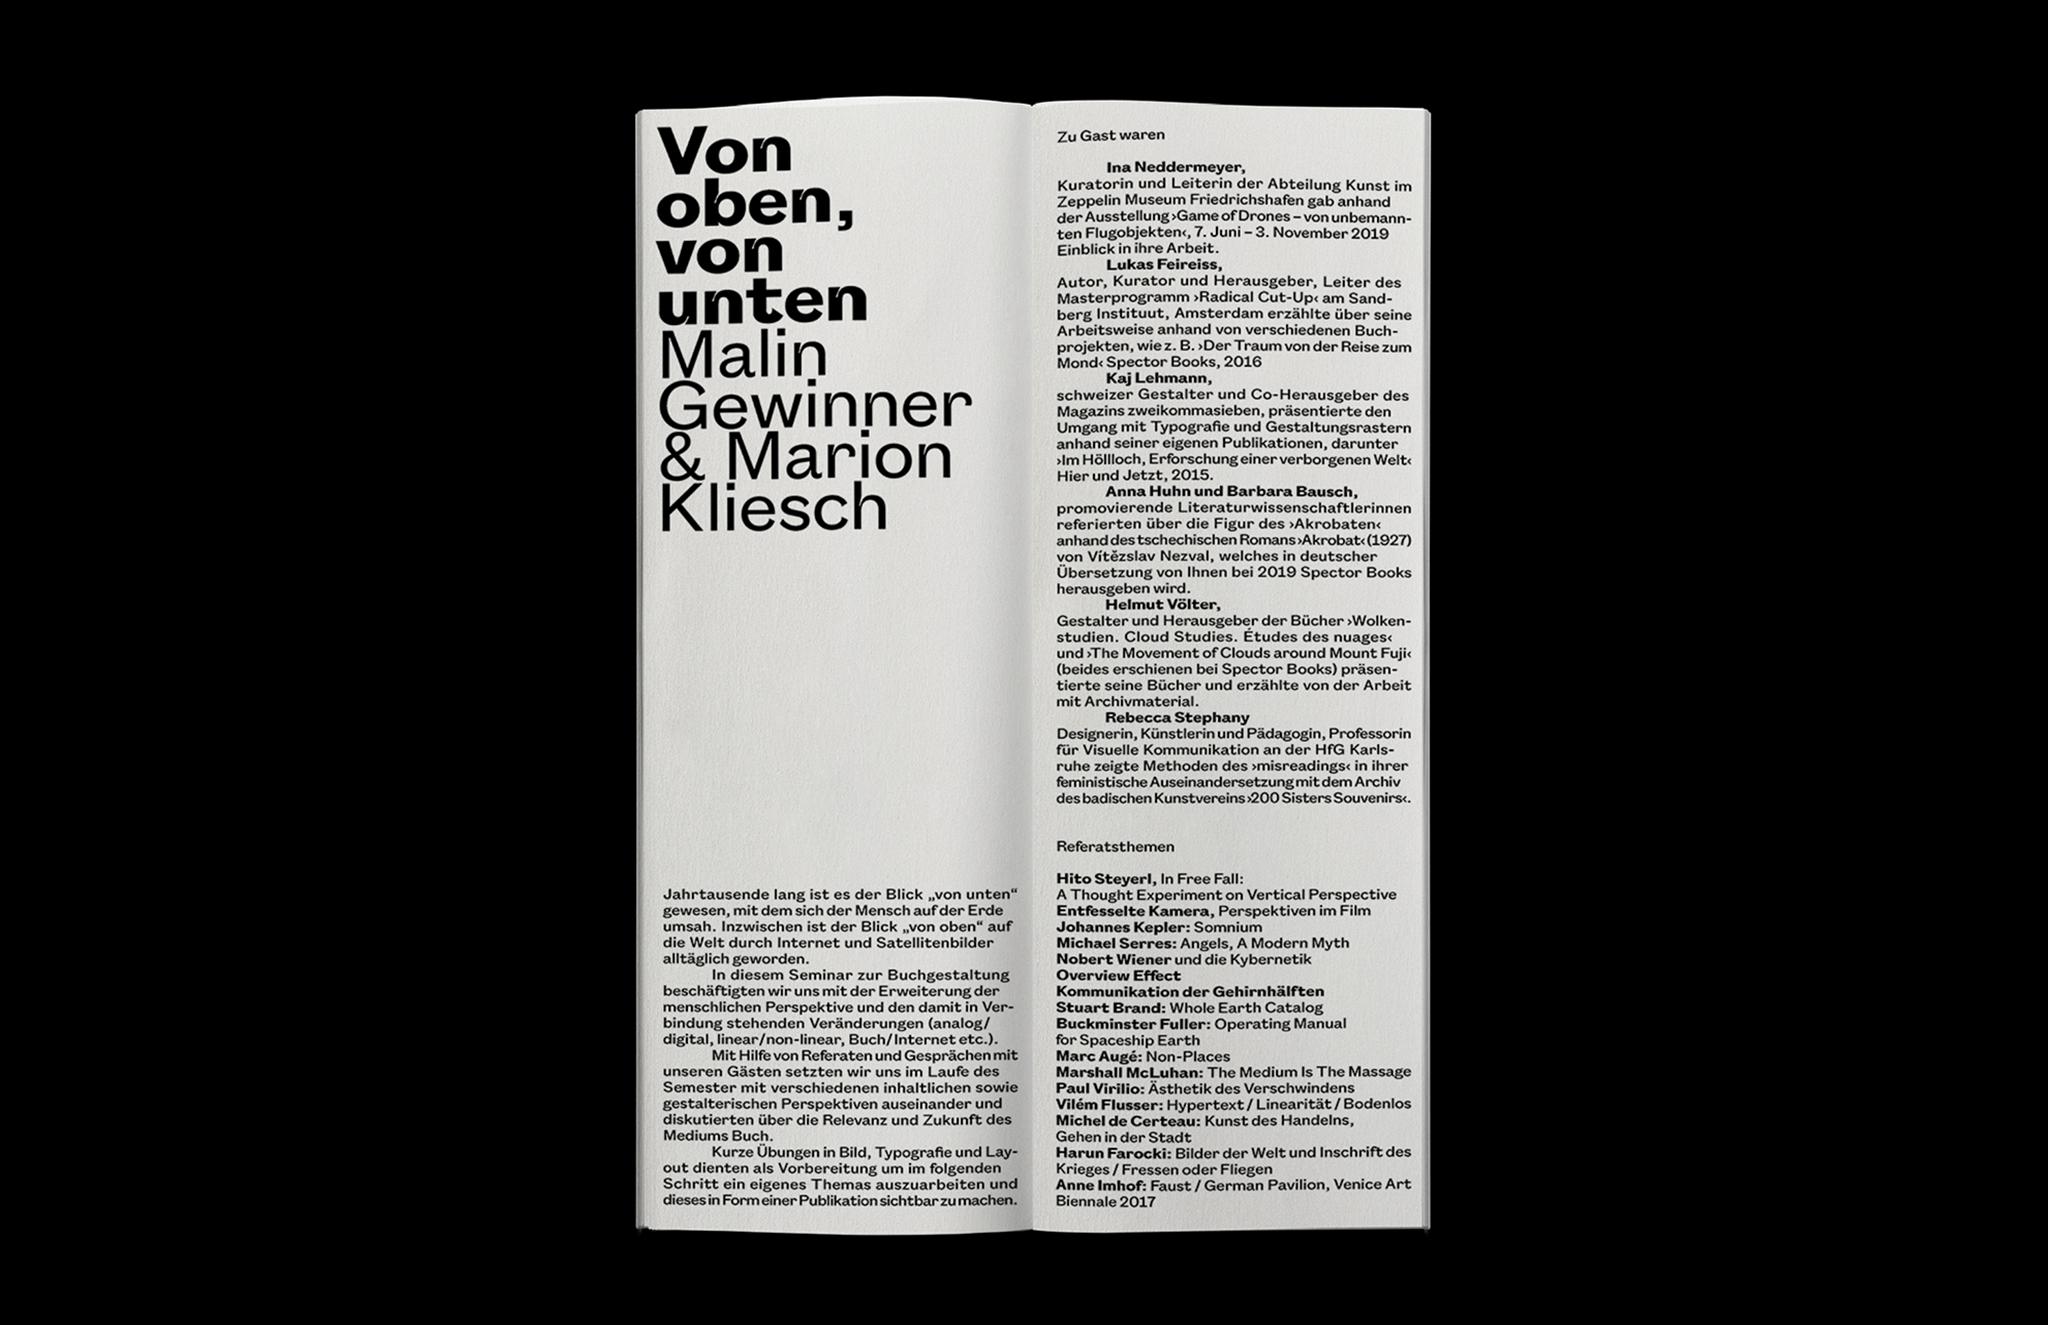 Rundgang Folder UdK Berlin Summersemester 2019